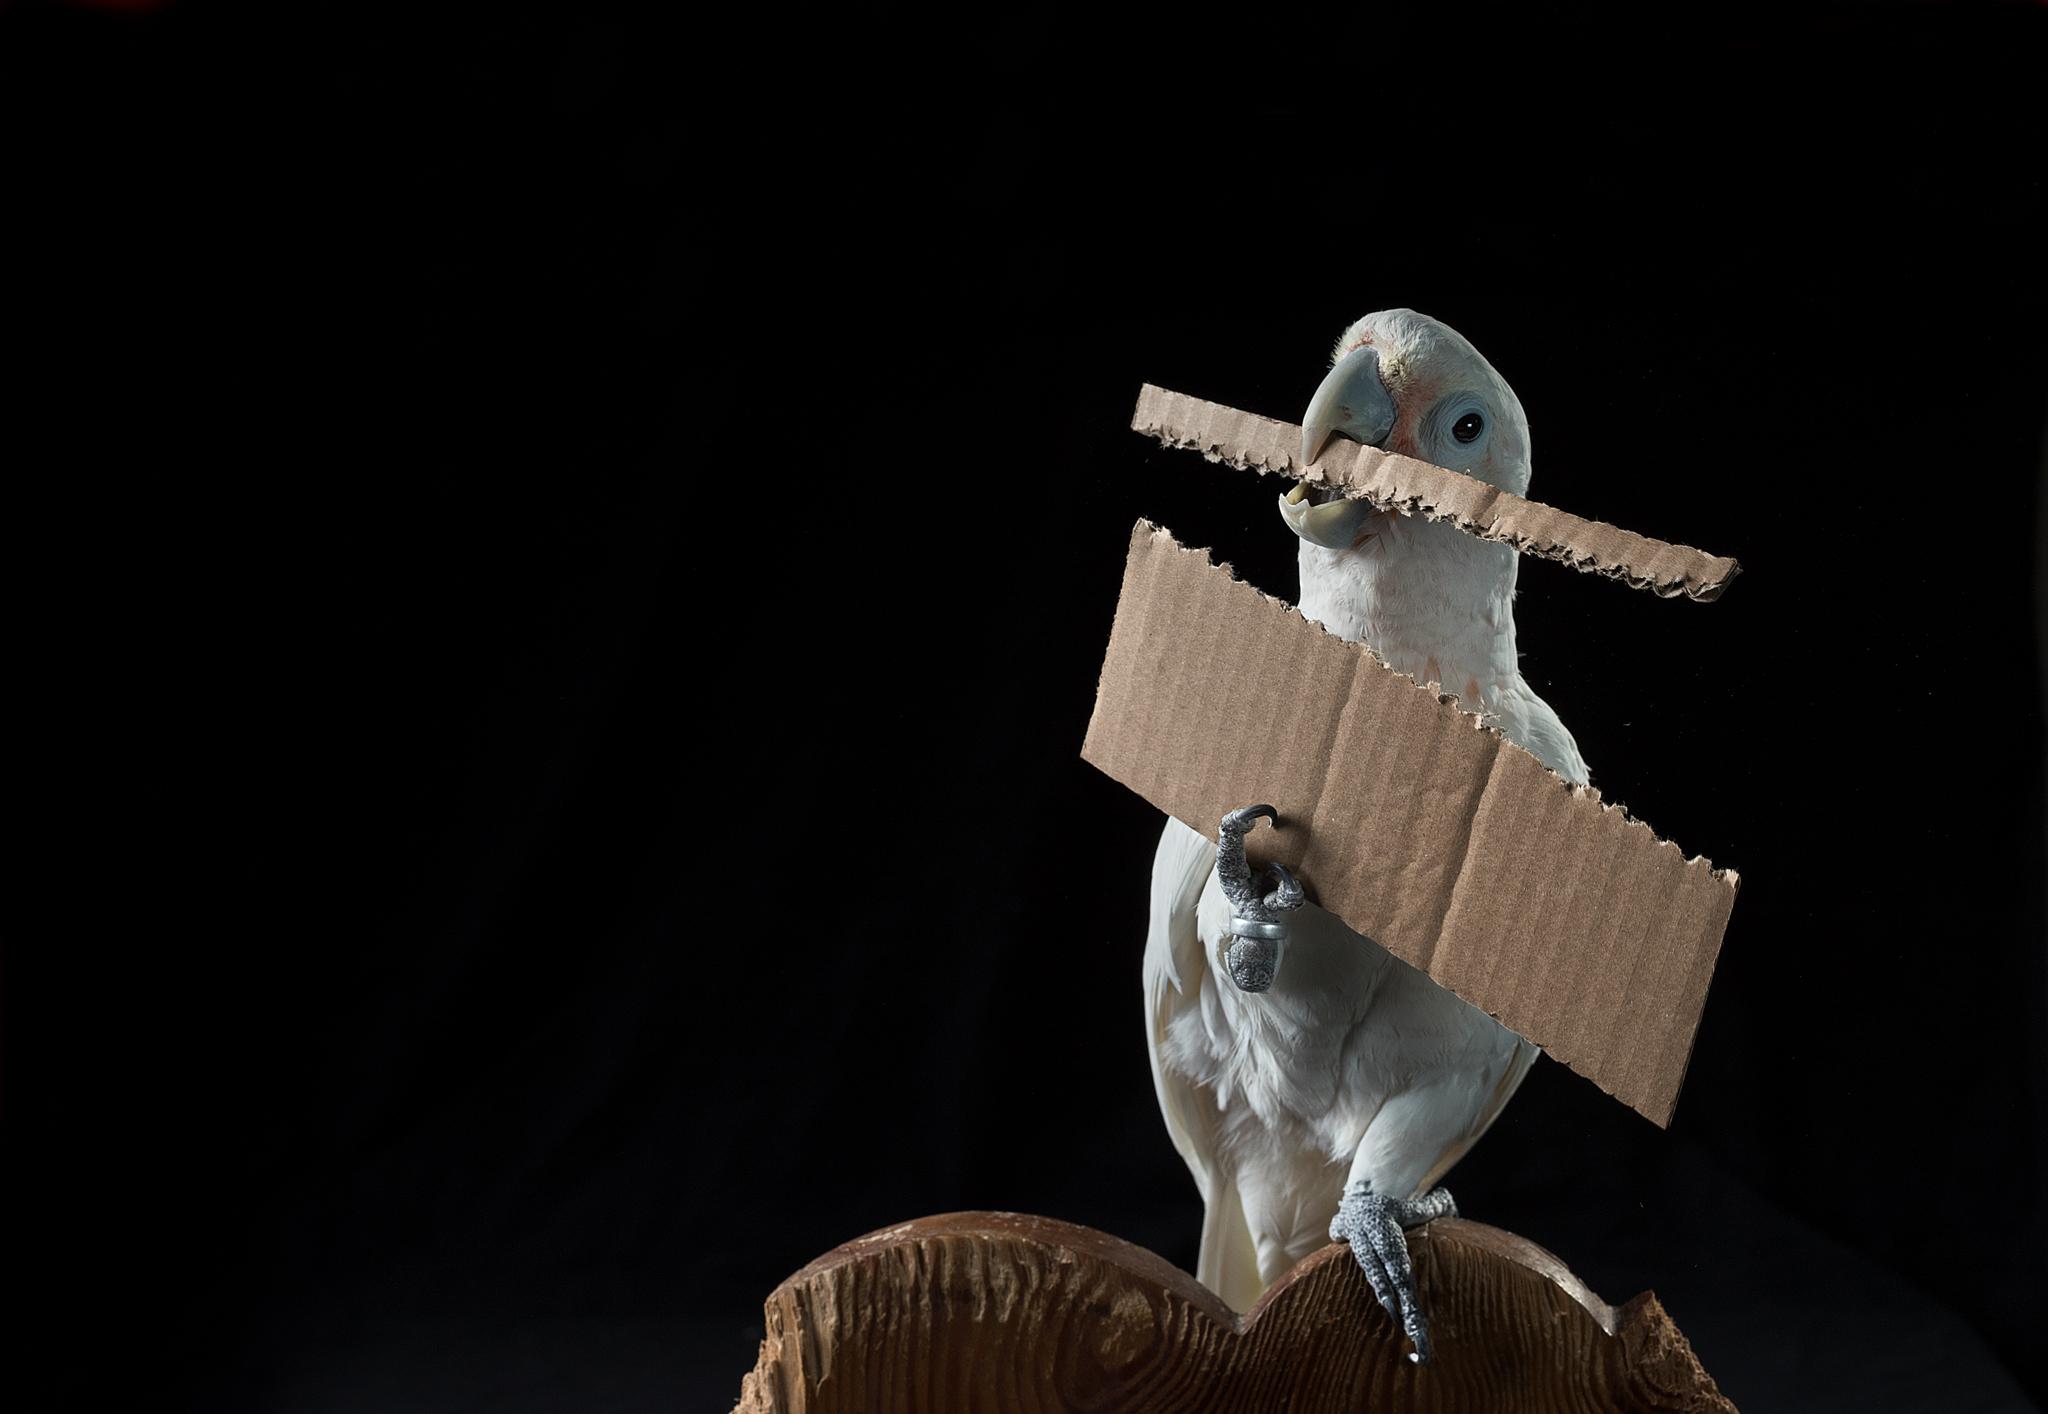 영리한 새들